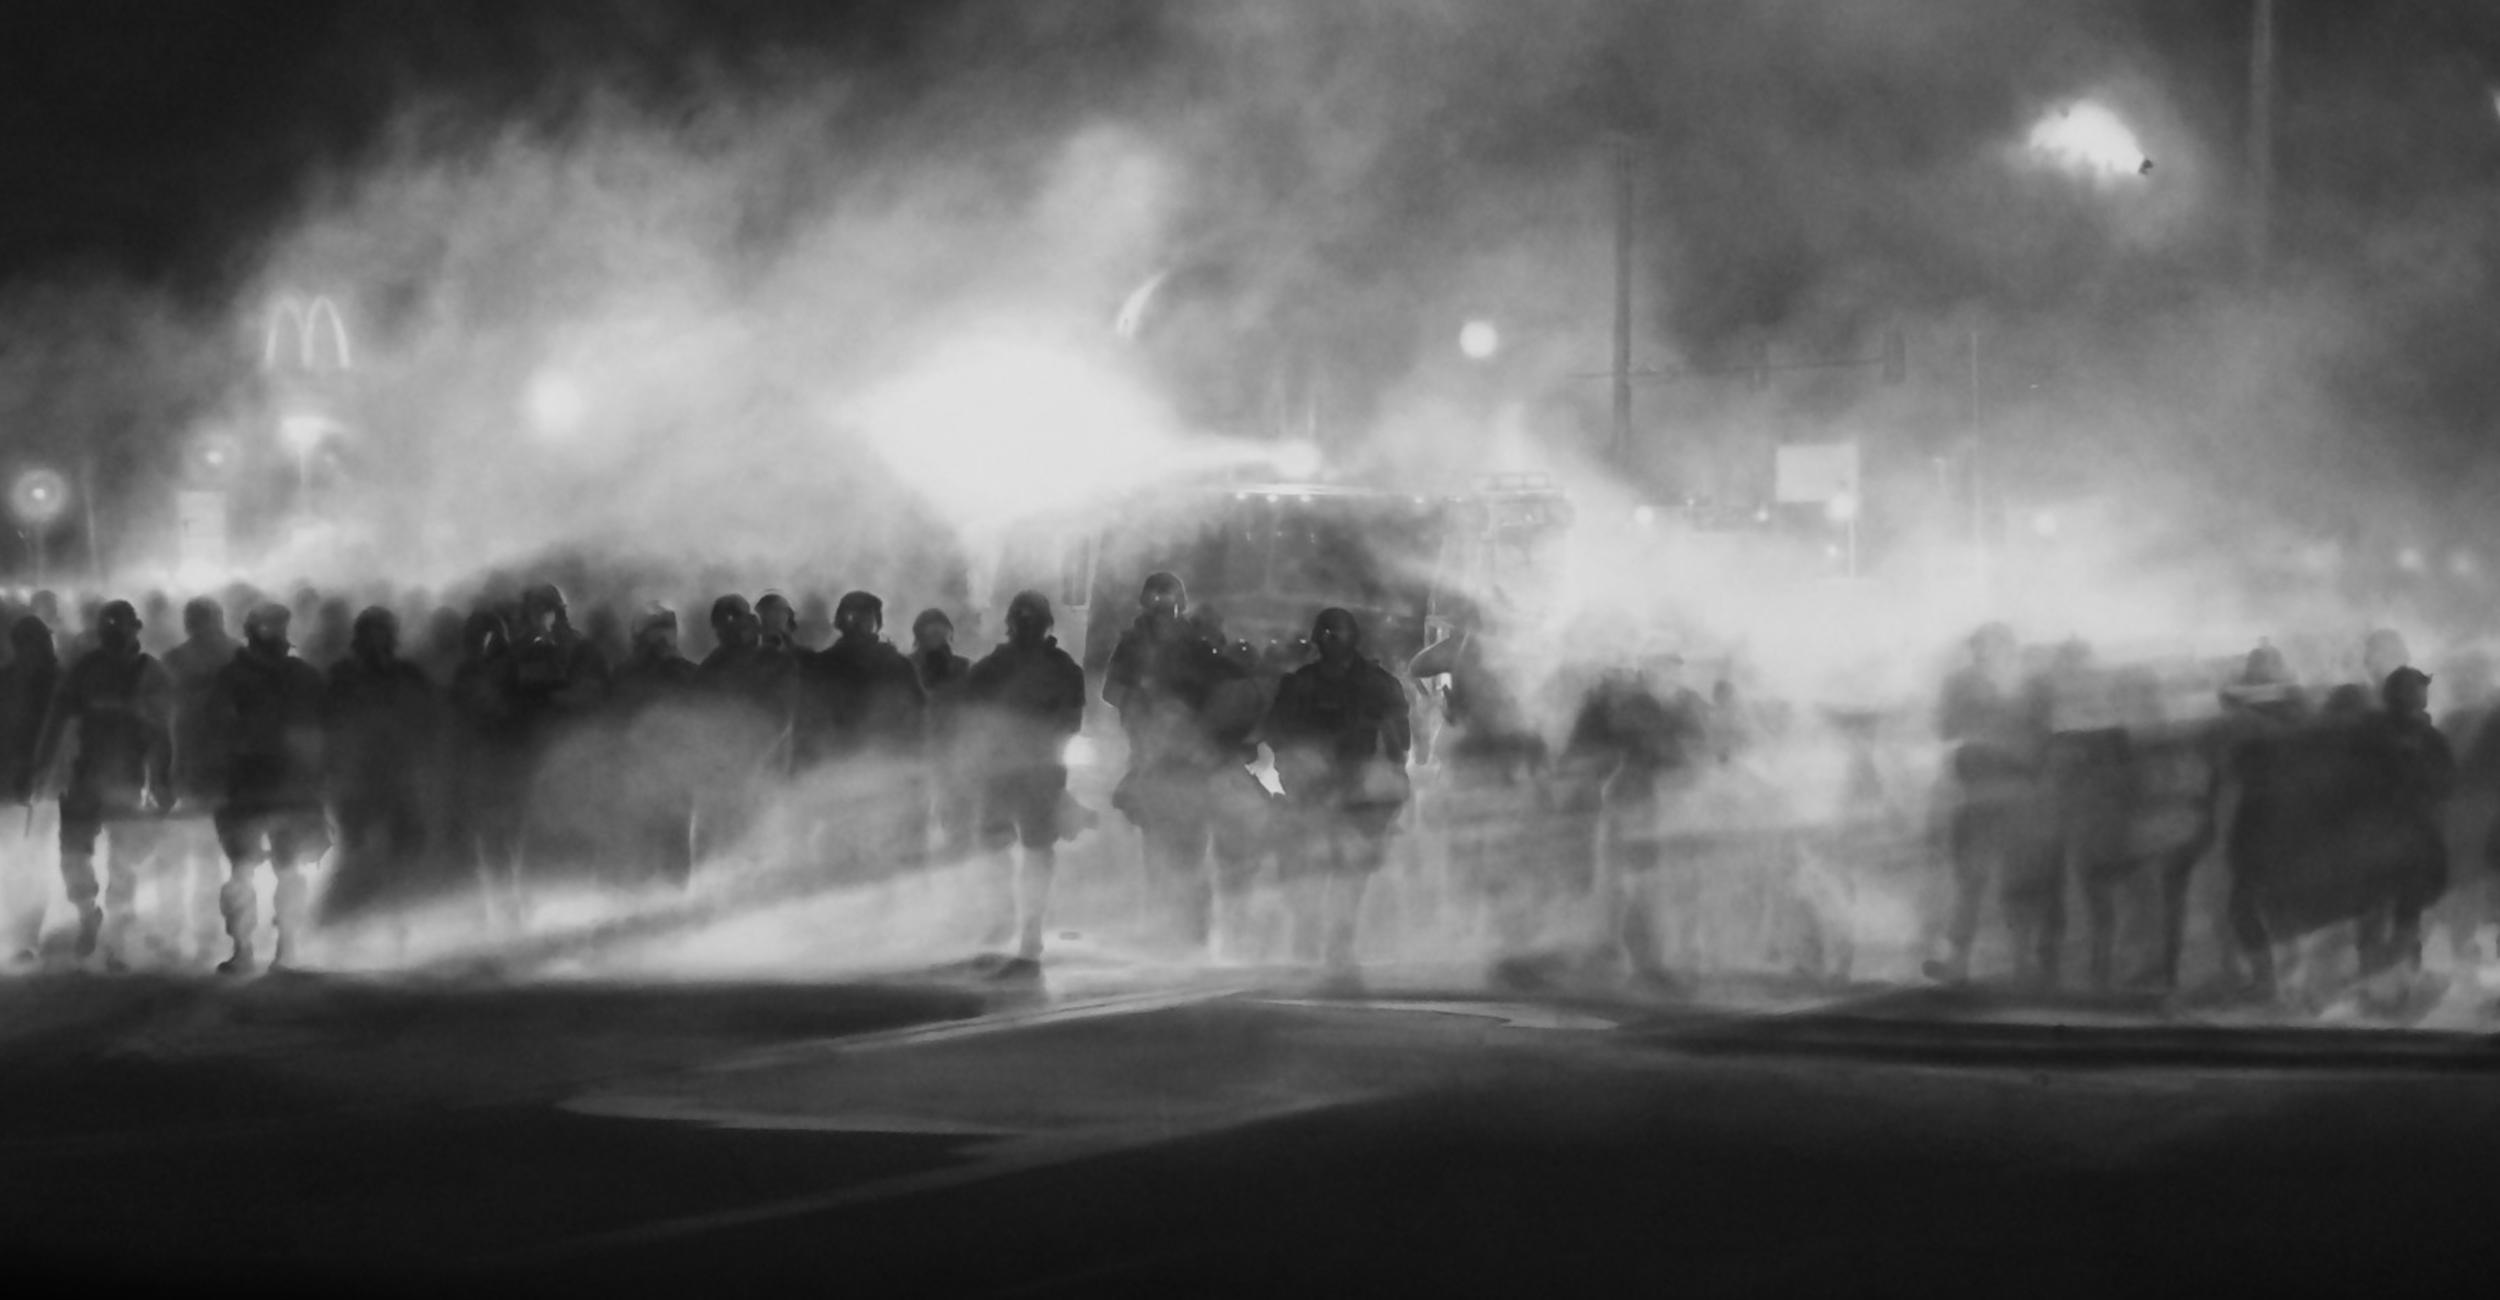 Robert Longo. Untitled (Ferguson) Diptych, 2014. Photograph: Petzel Galler